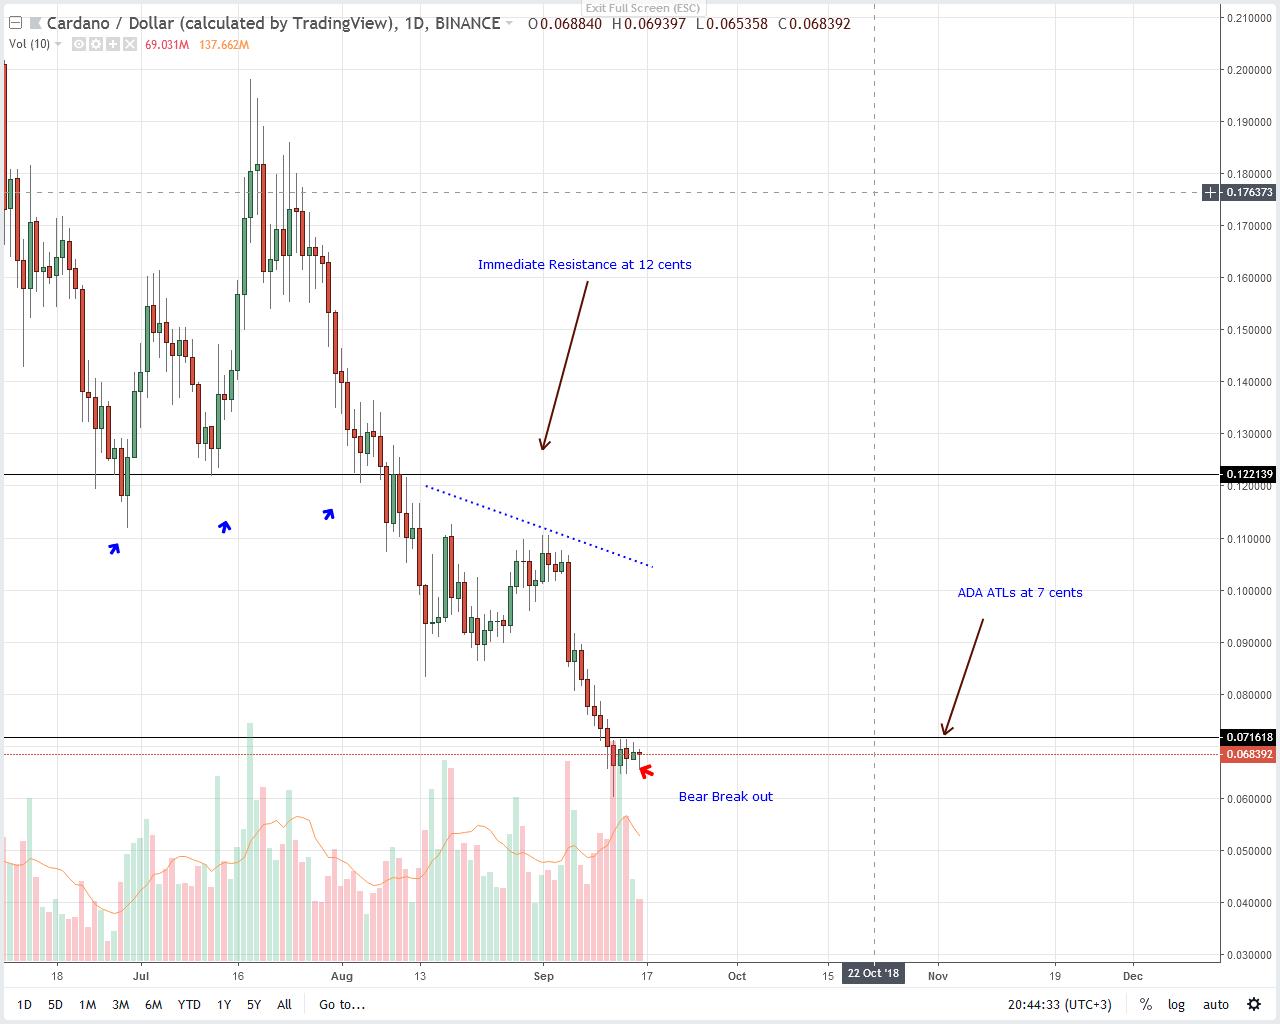 Cardano Price Analysis